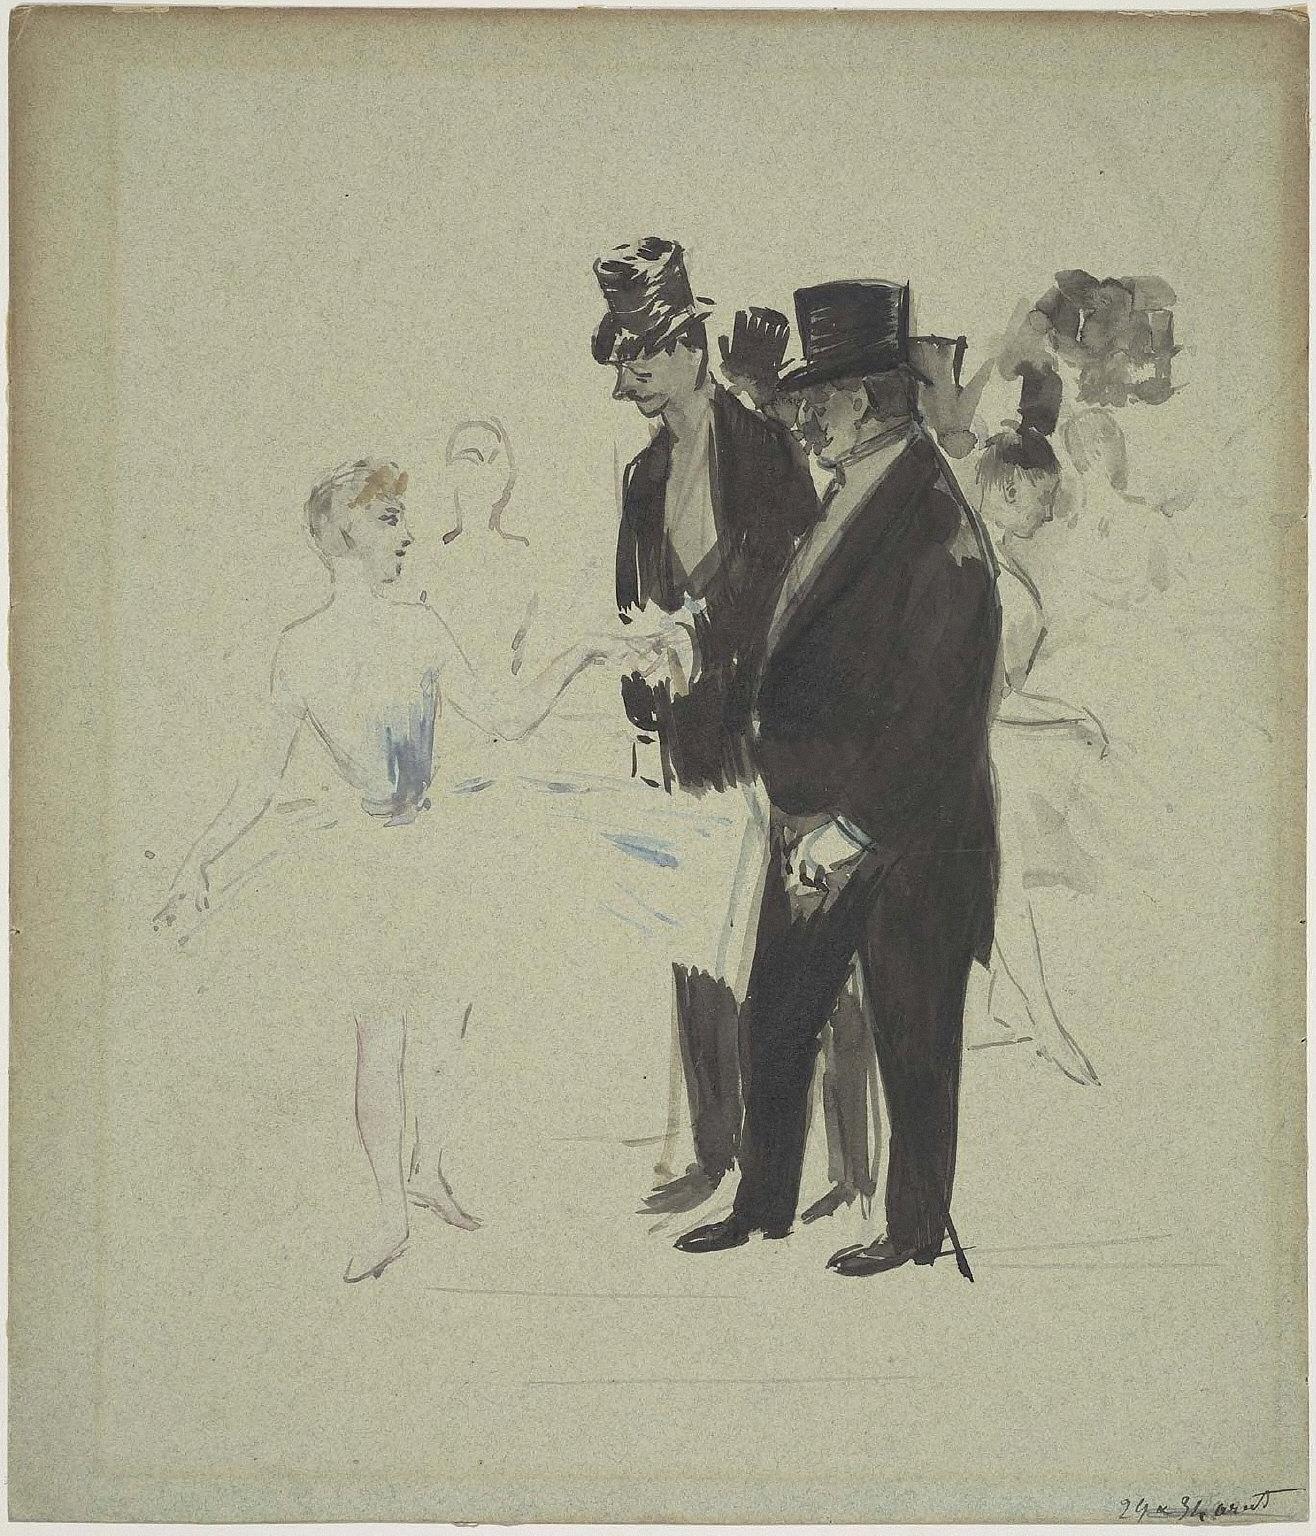 Dancer meeting two gentlemen in tall hats